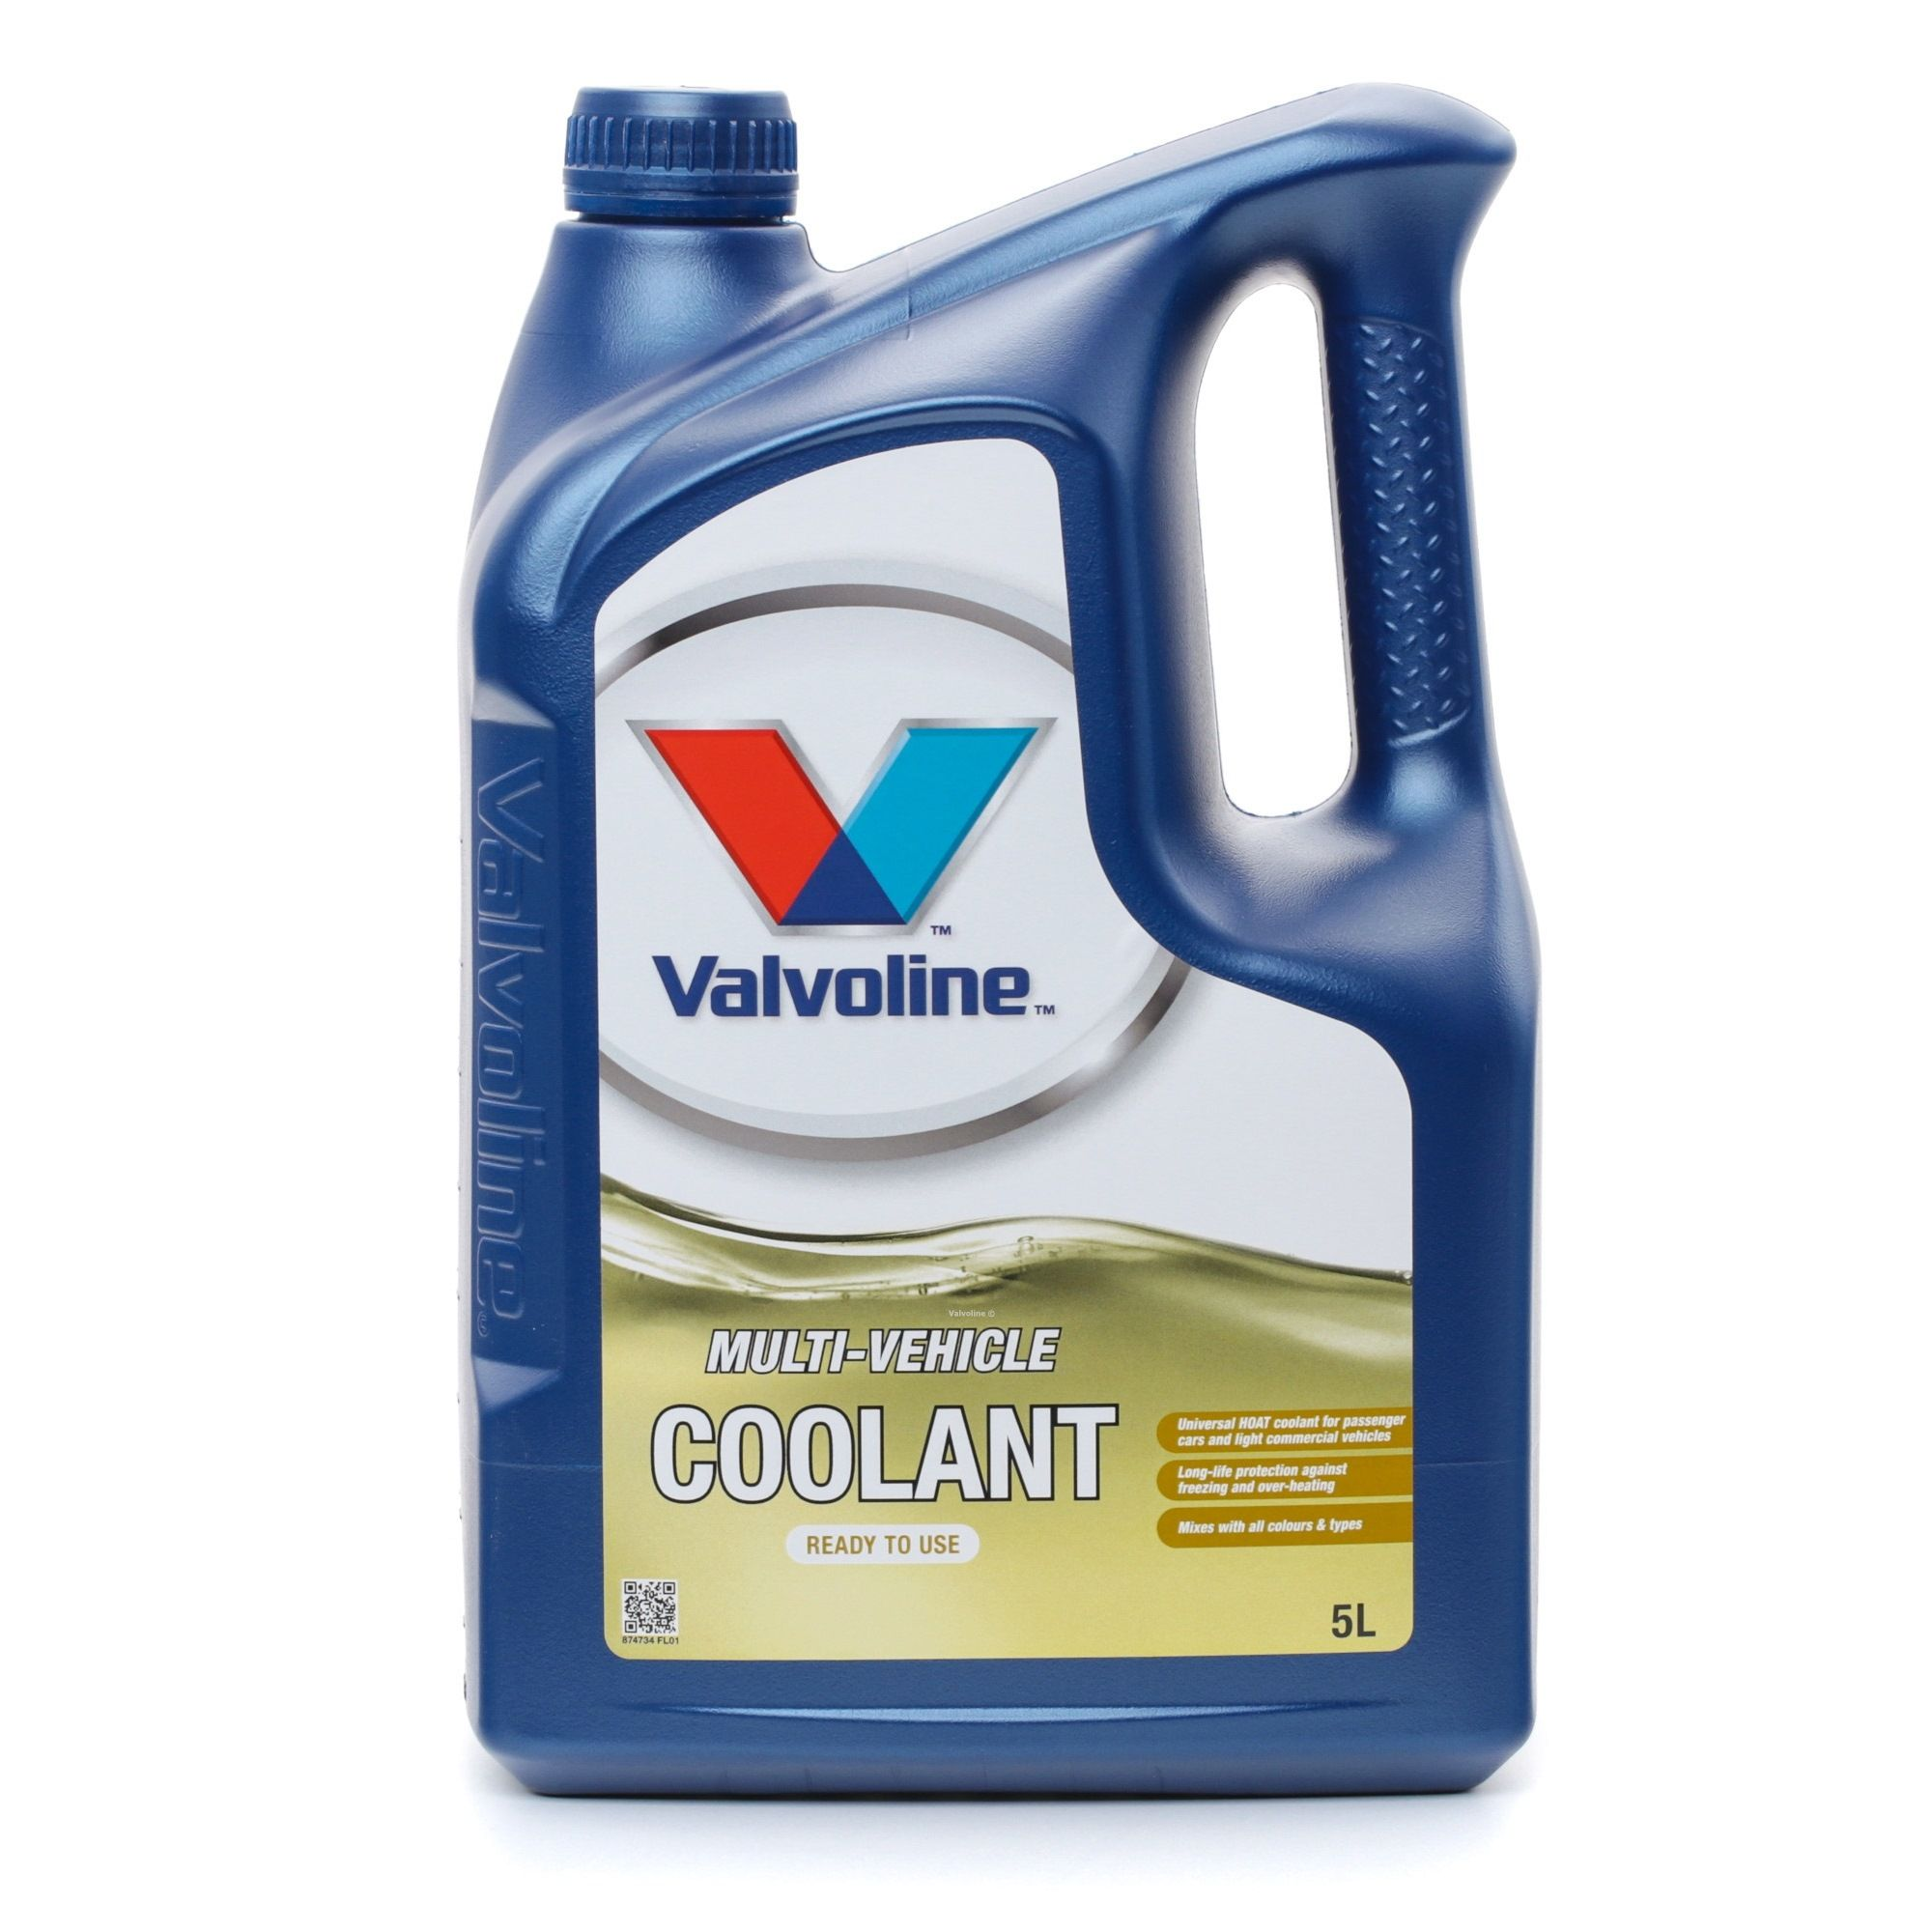 Kühlerfrostschutzmittel Valvoline 874734